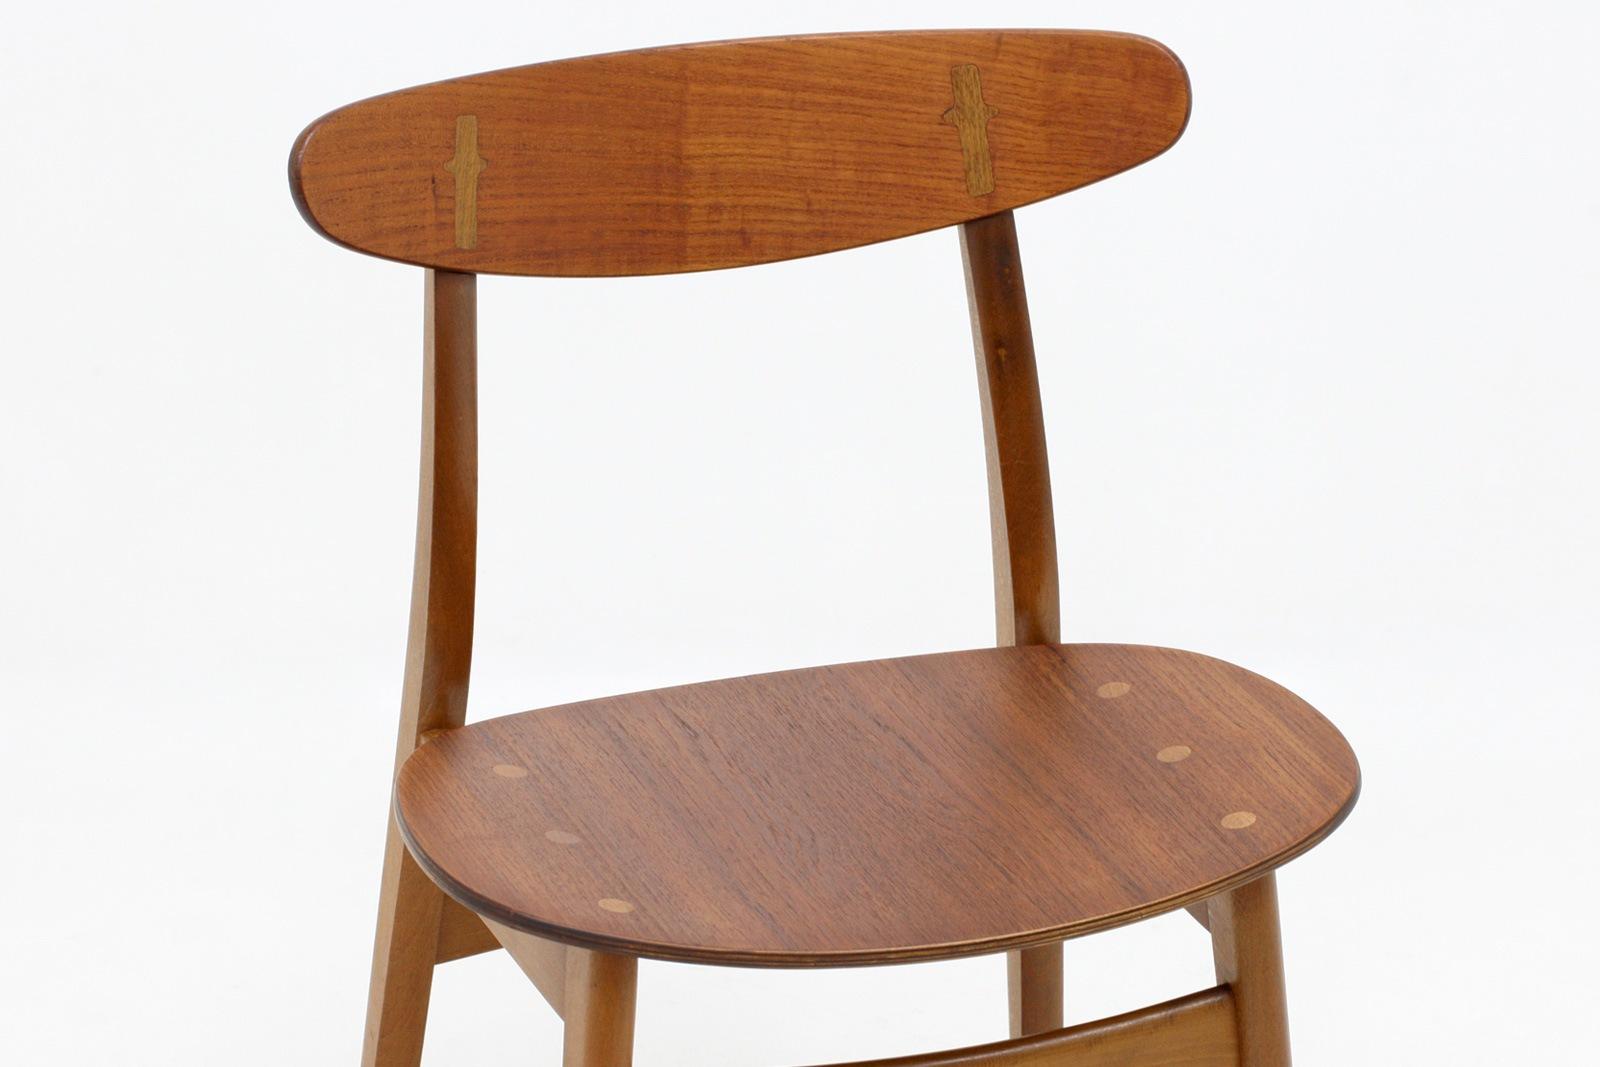 北欧,ヴィンテージチェア,ハンスJウェグナー,CH30,名作椅子,チーク材